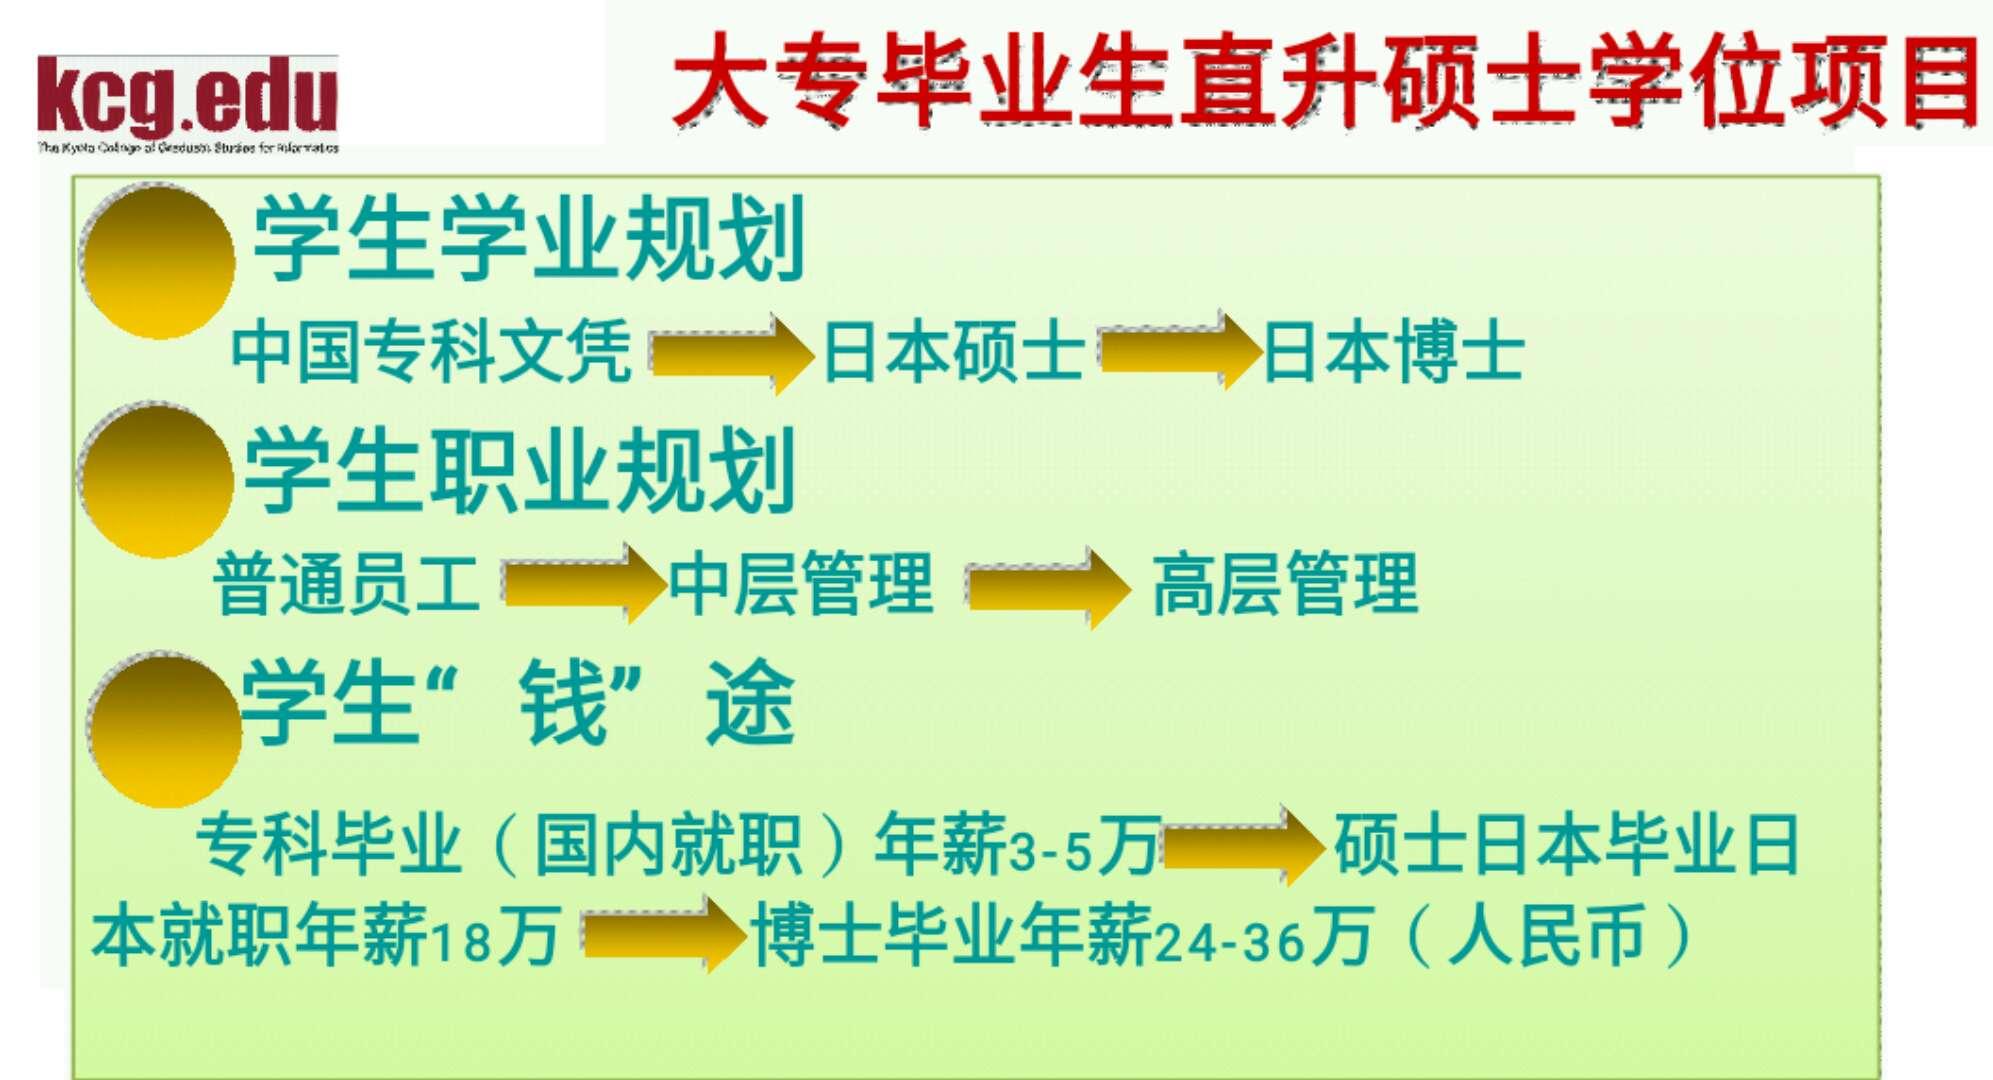 京都情报大学院大学重庆办事处